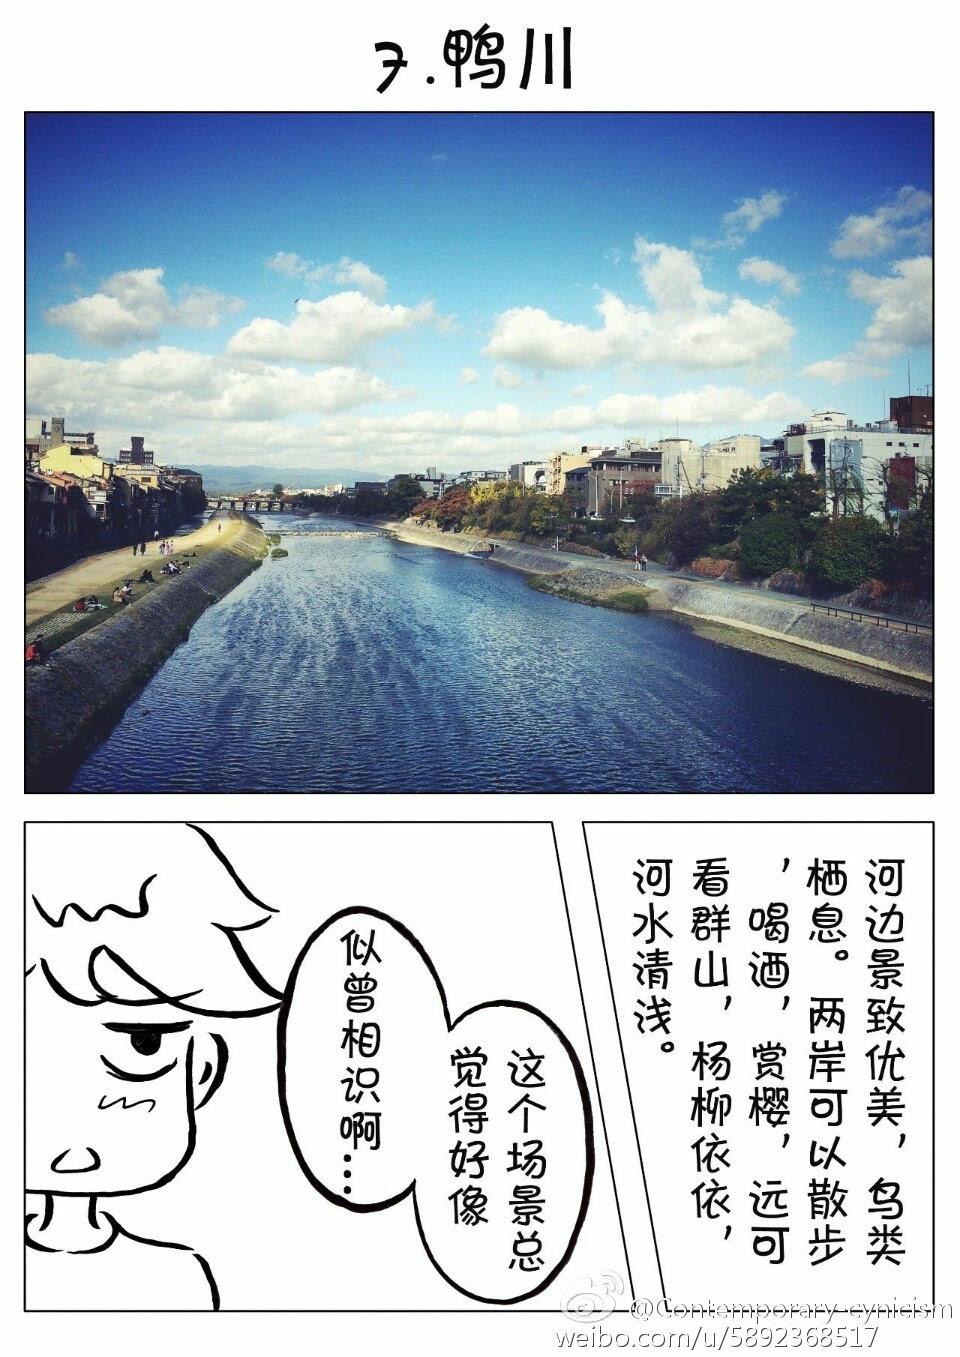 手绘漫画告诉你为什么我喜欢京都